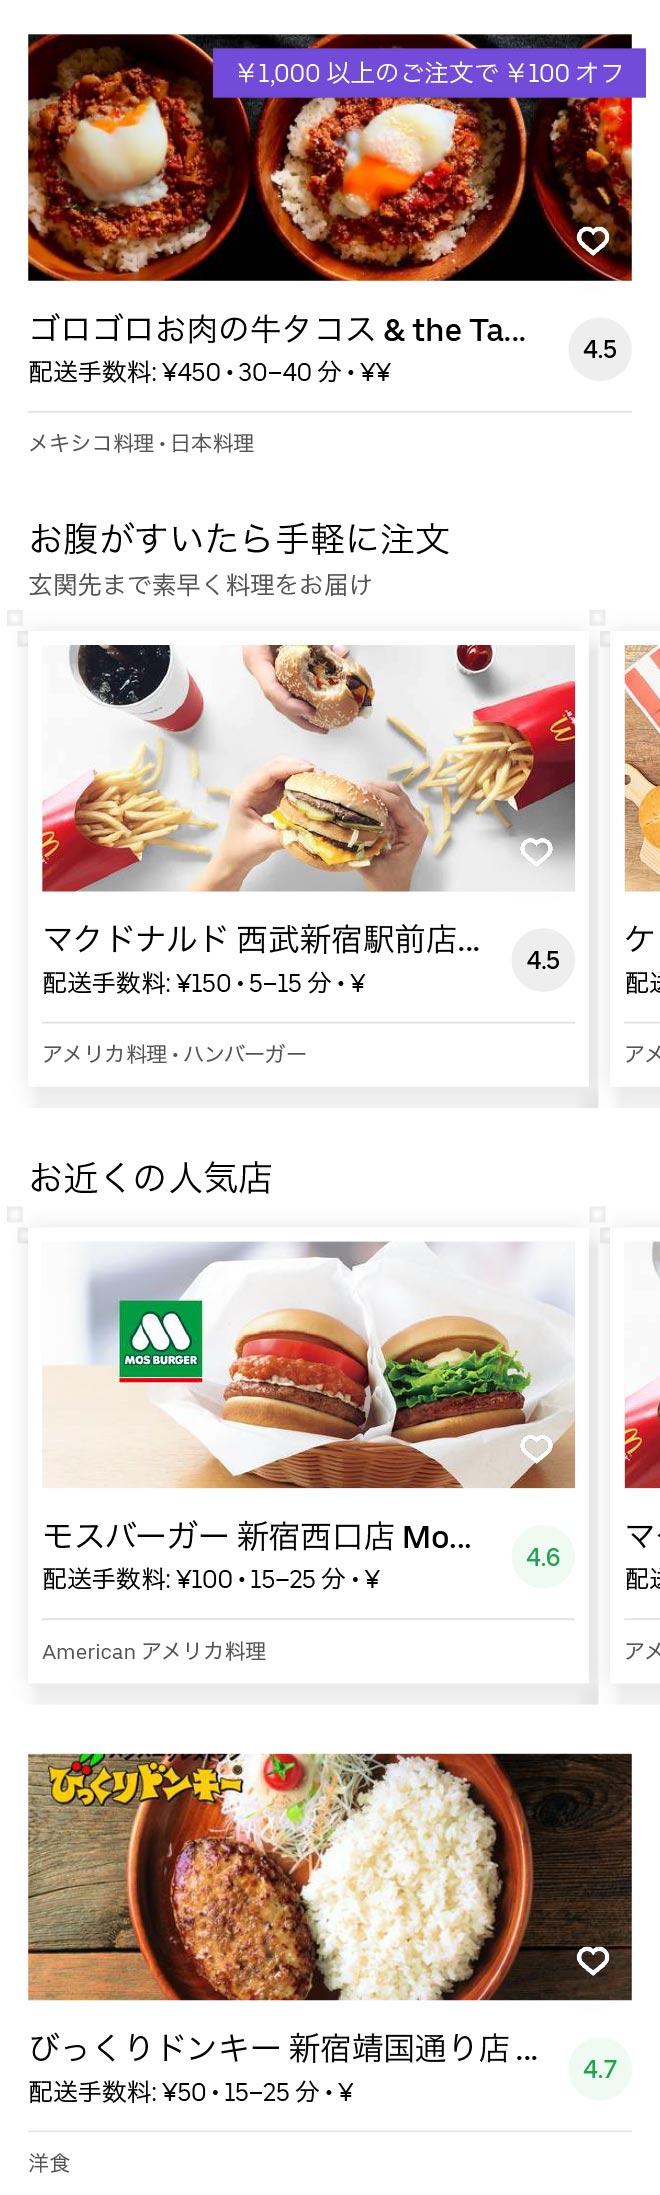 Tokyo shonjuku menu 2005 04